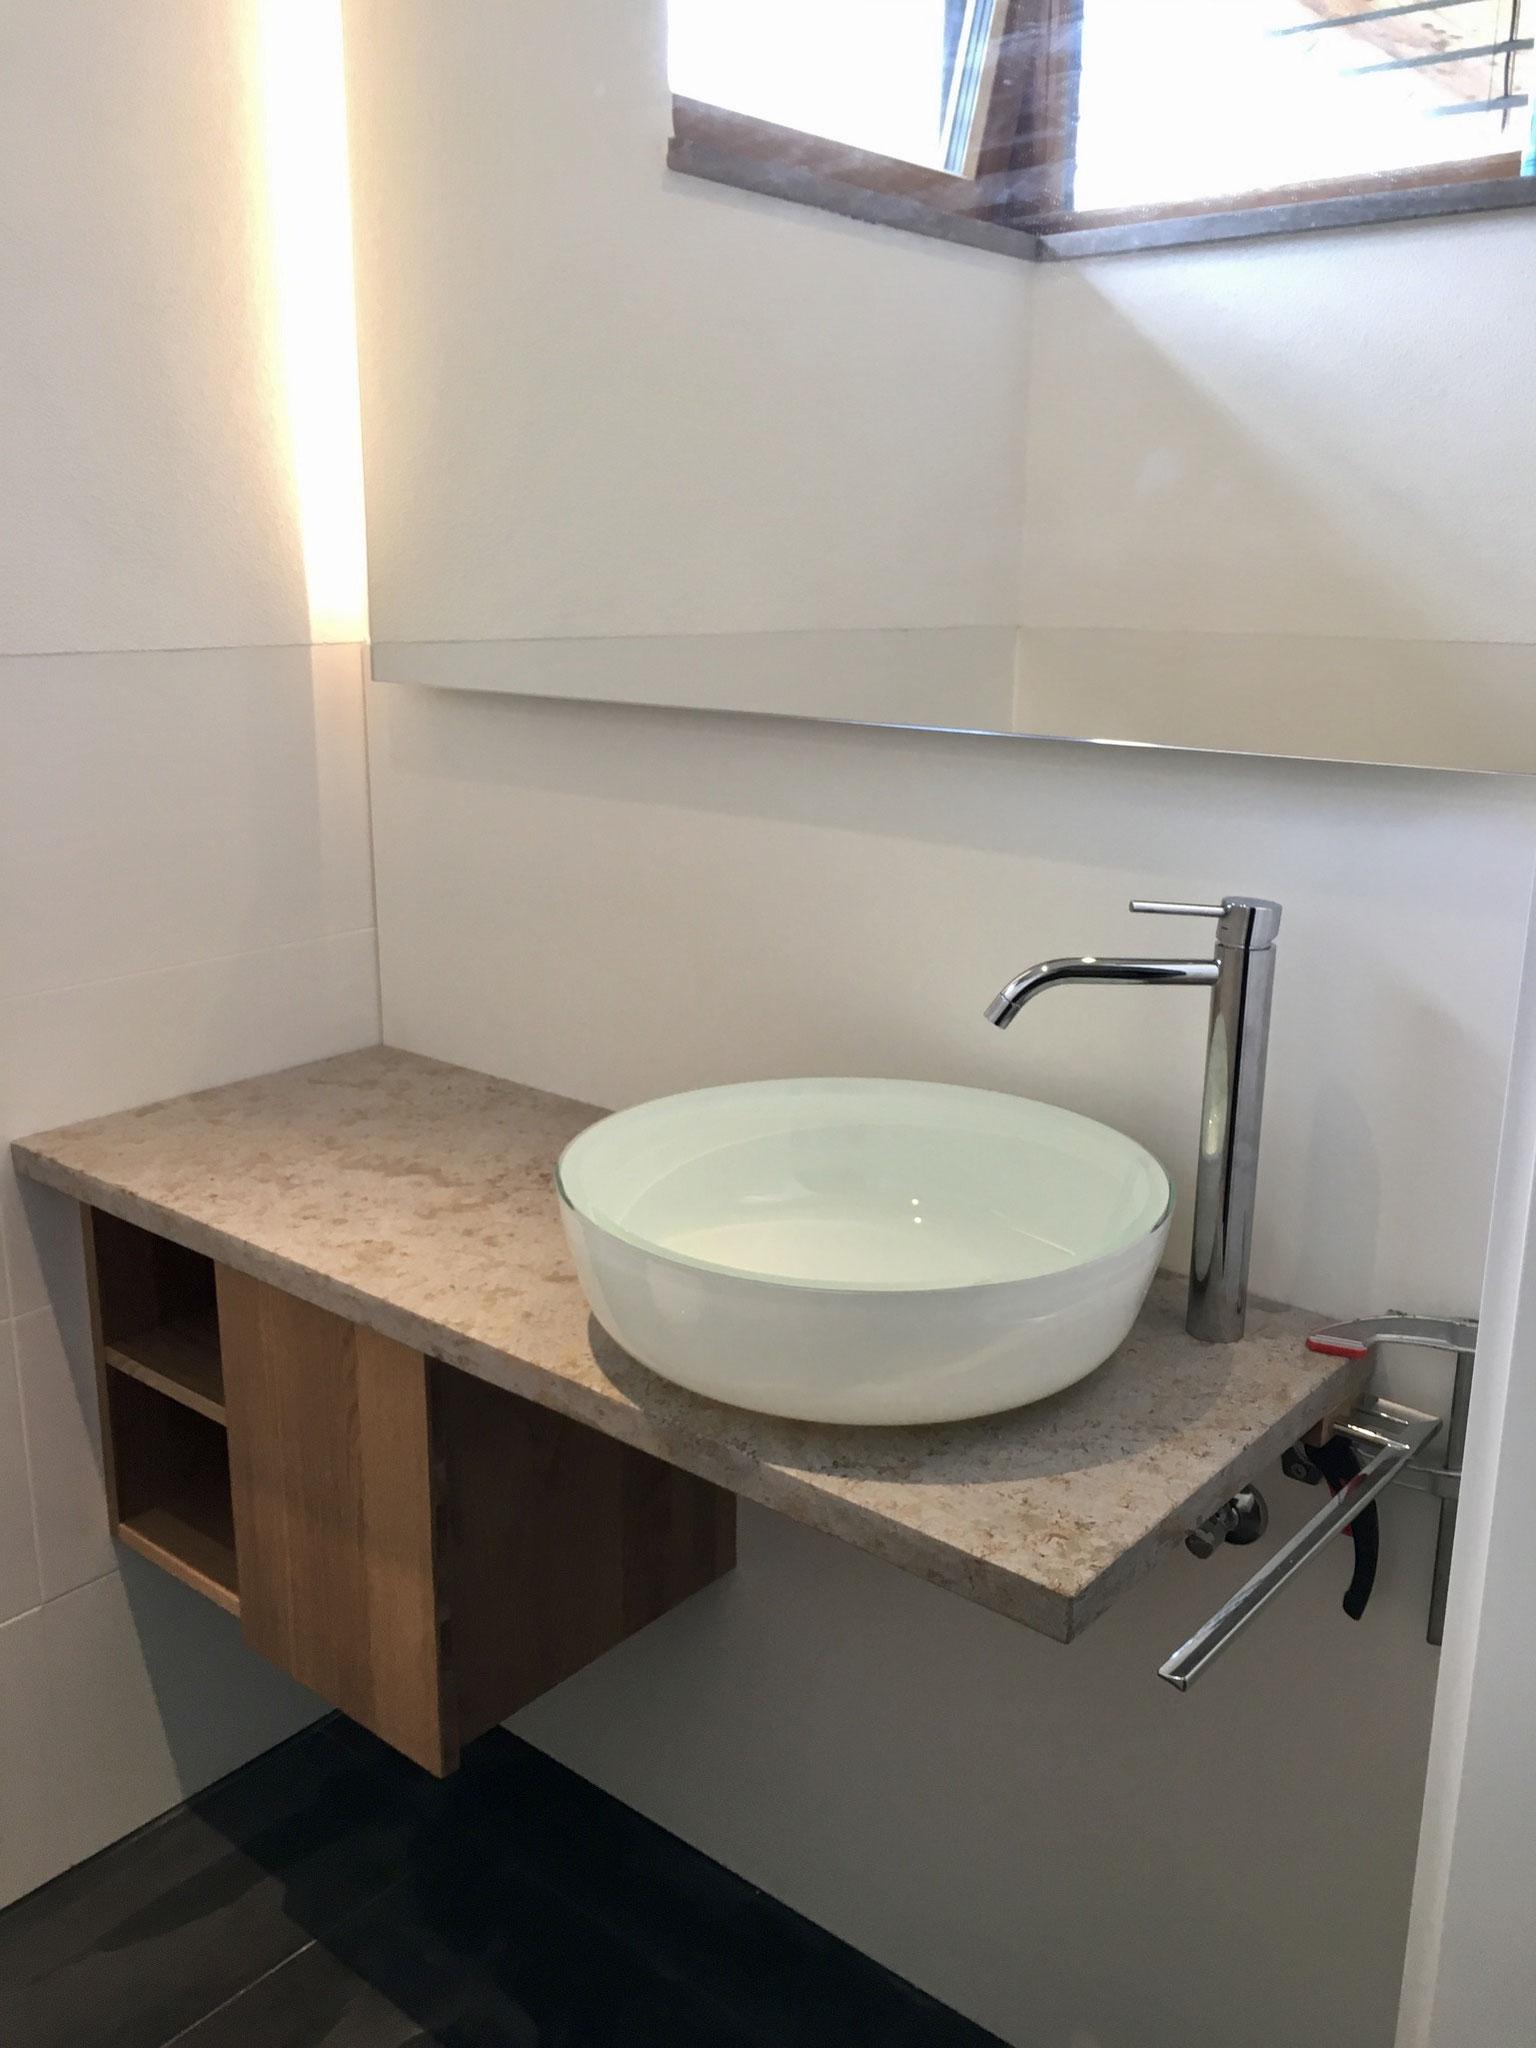 Waschtisch mit Steinplatte und Aufsatzwaschbecken aus Glas